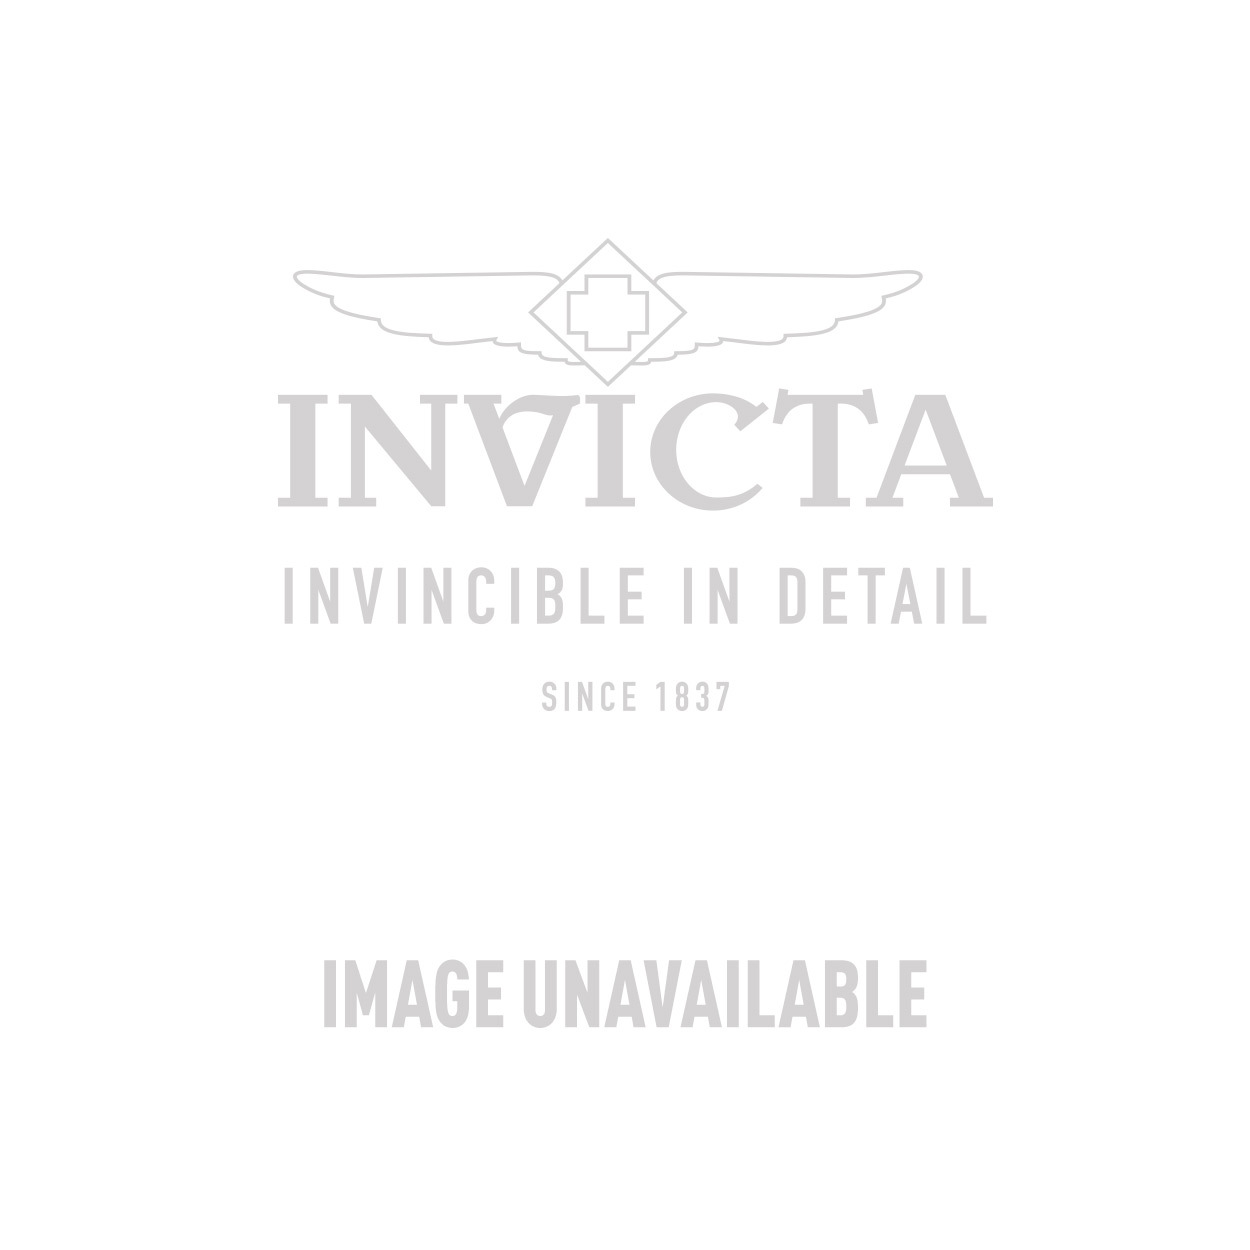 Invicta Model 25504